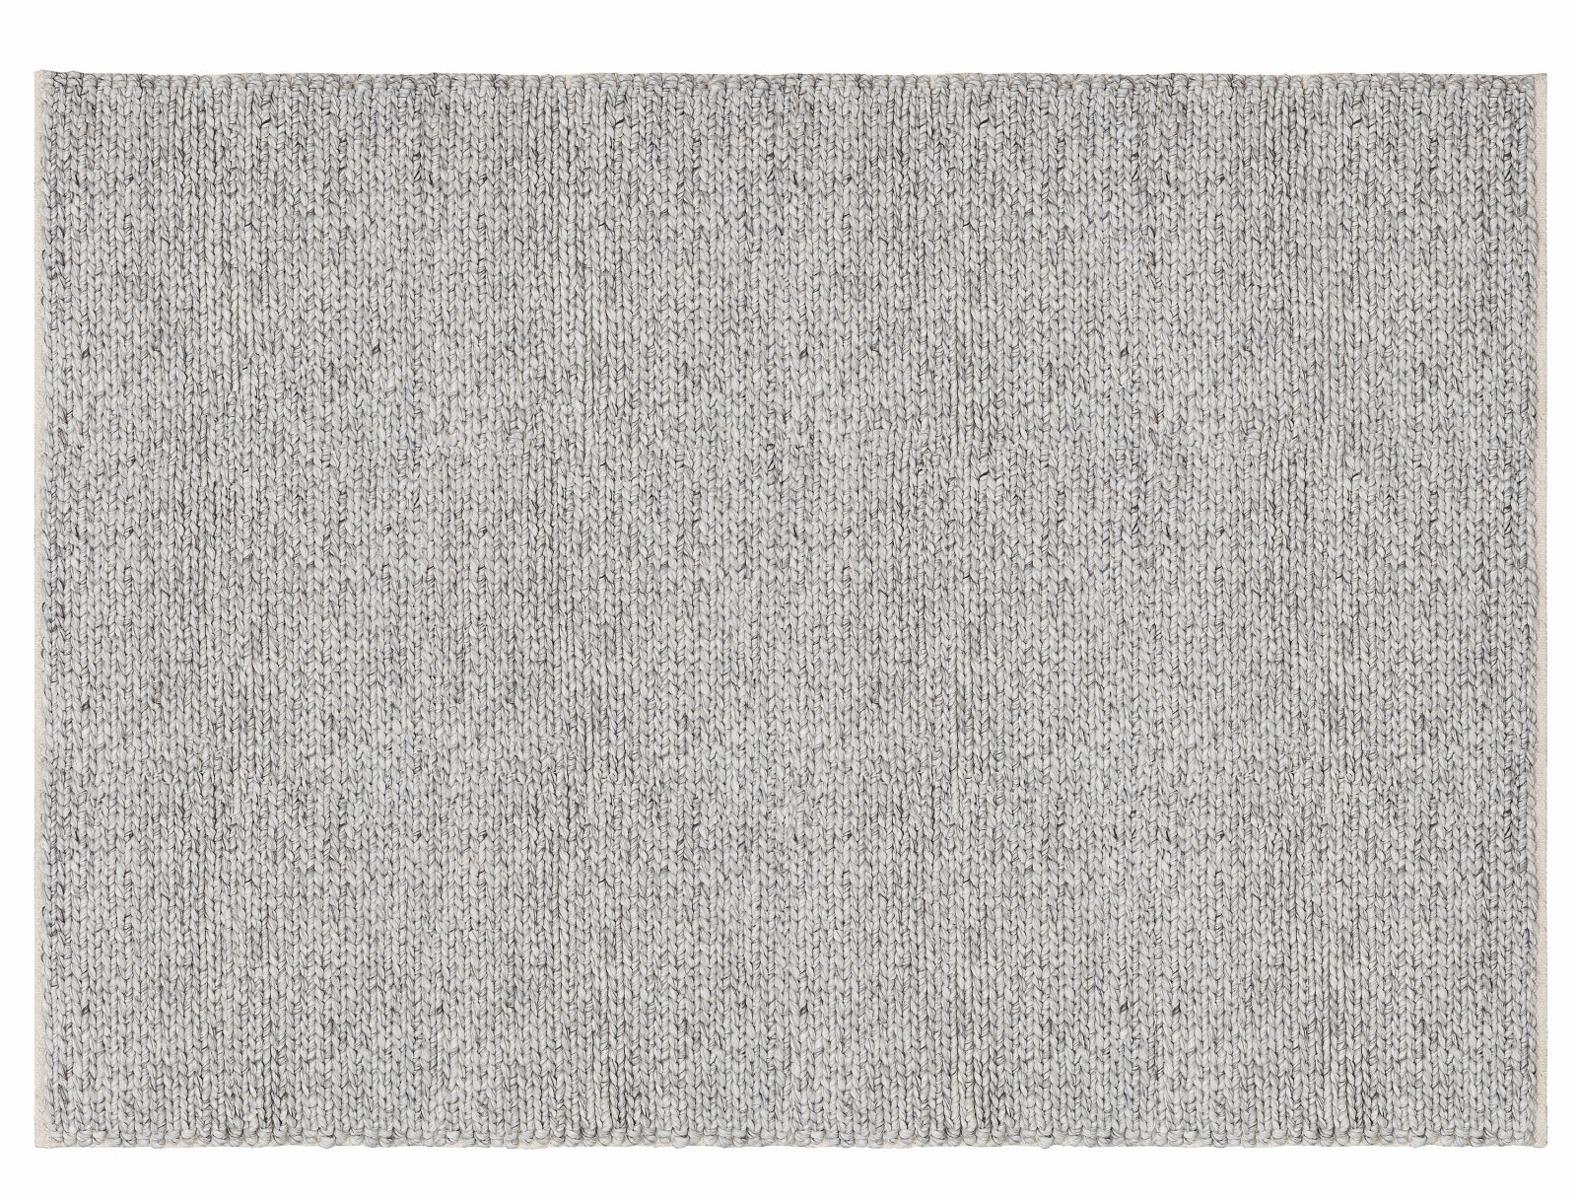 W superbly Dywan ręcznie tkany Carpet Decor Suelo Marbled Marbled - sklep DT39